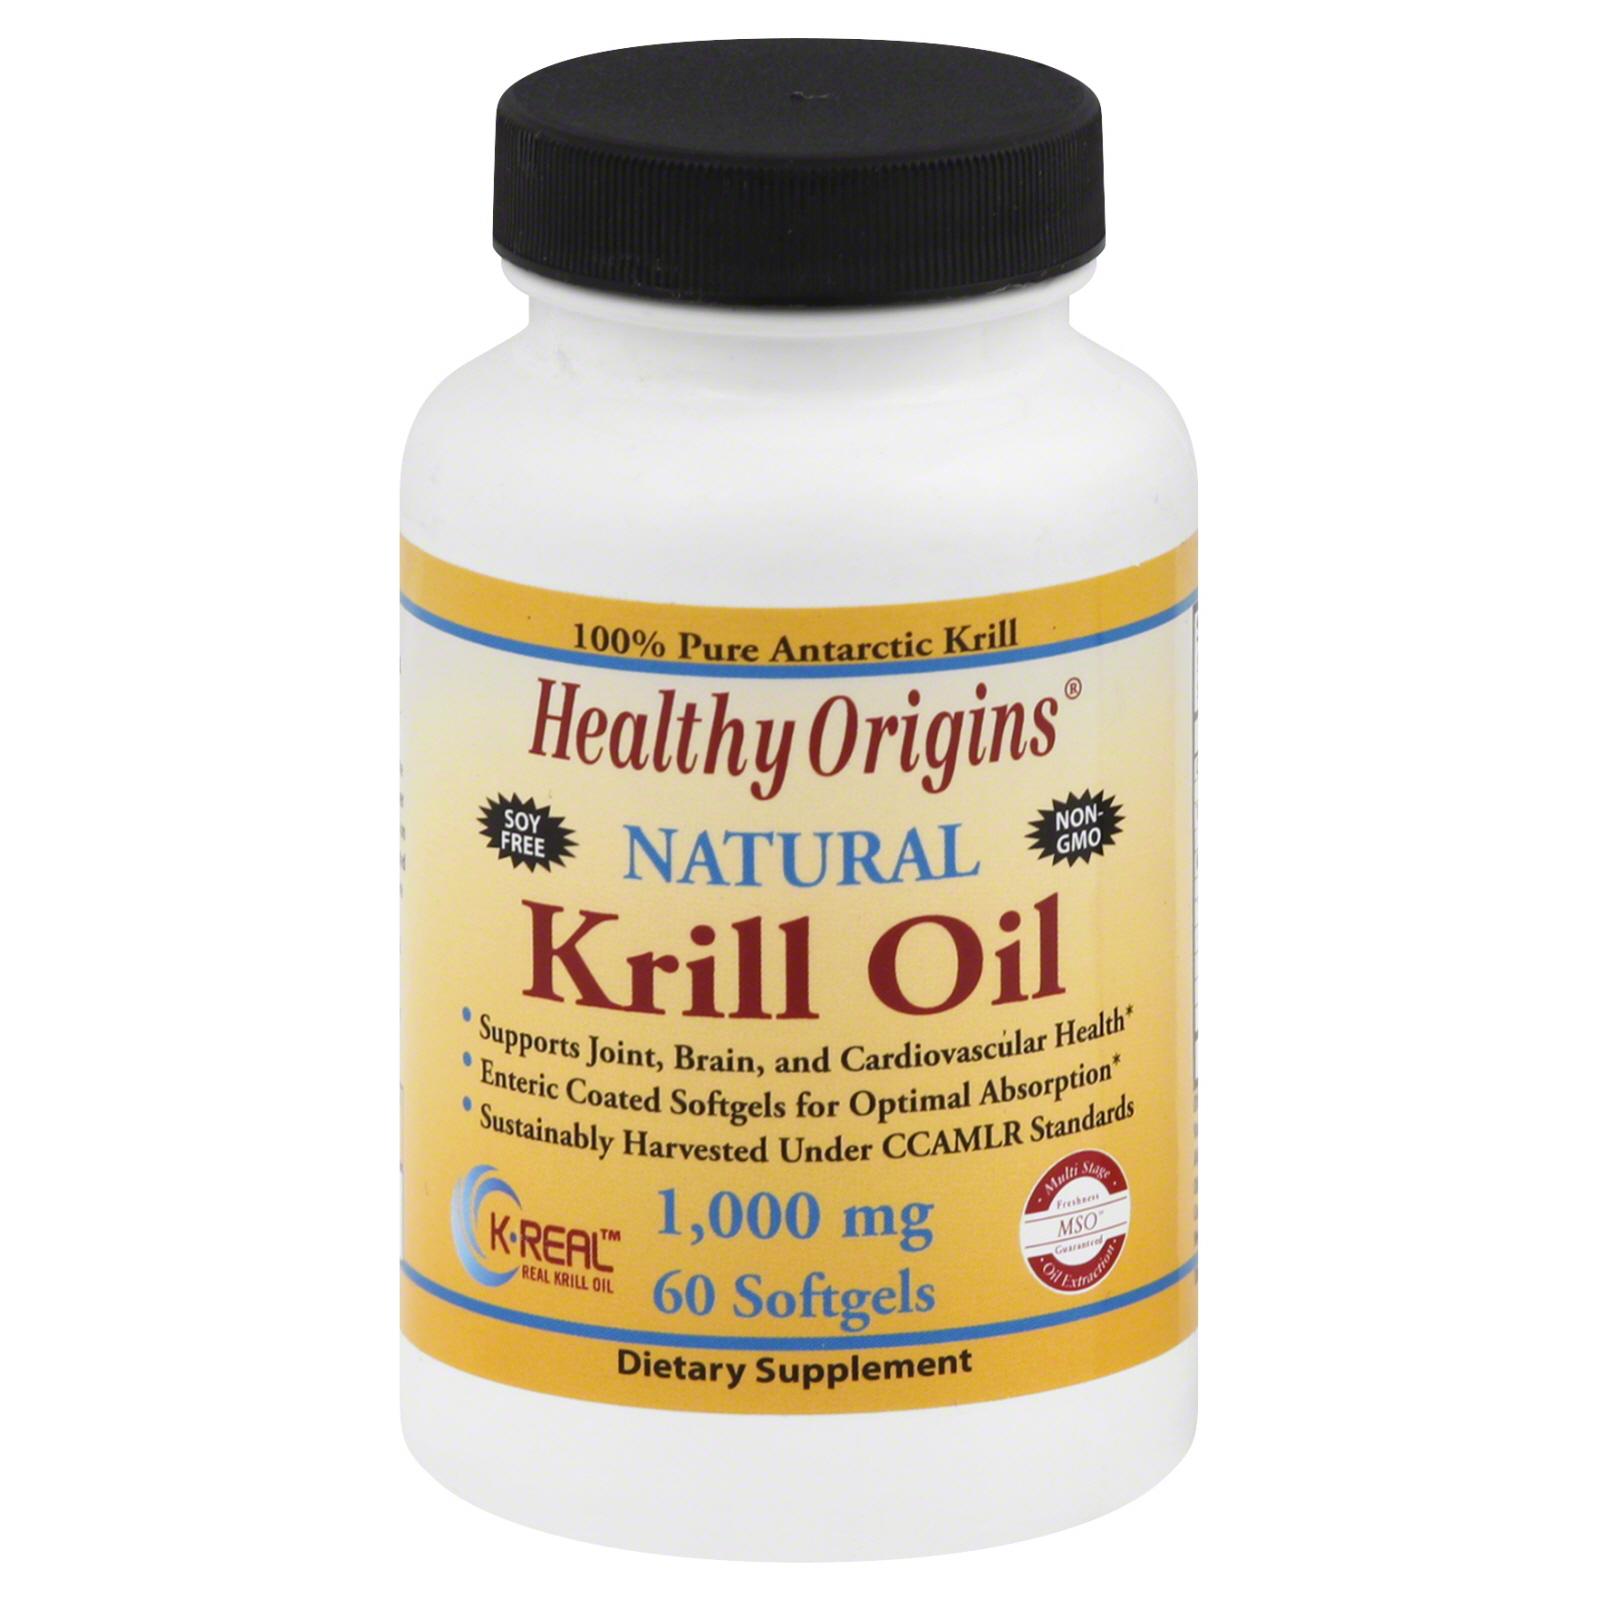 Healthy Origins Krill Oil 1000 mg (60 Softgels)